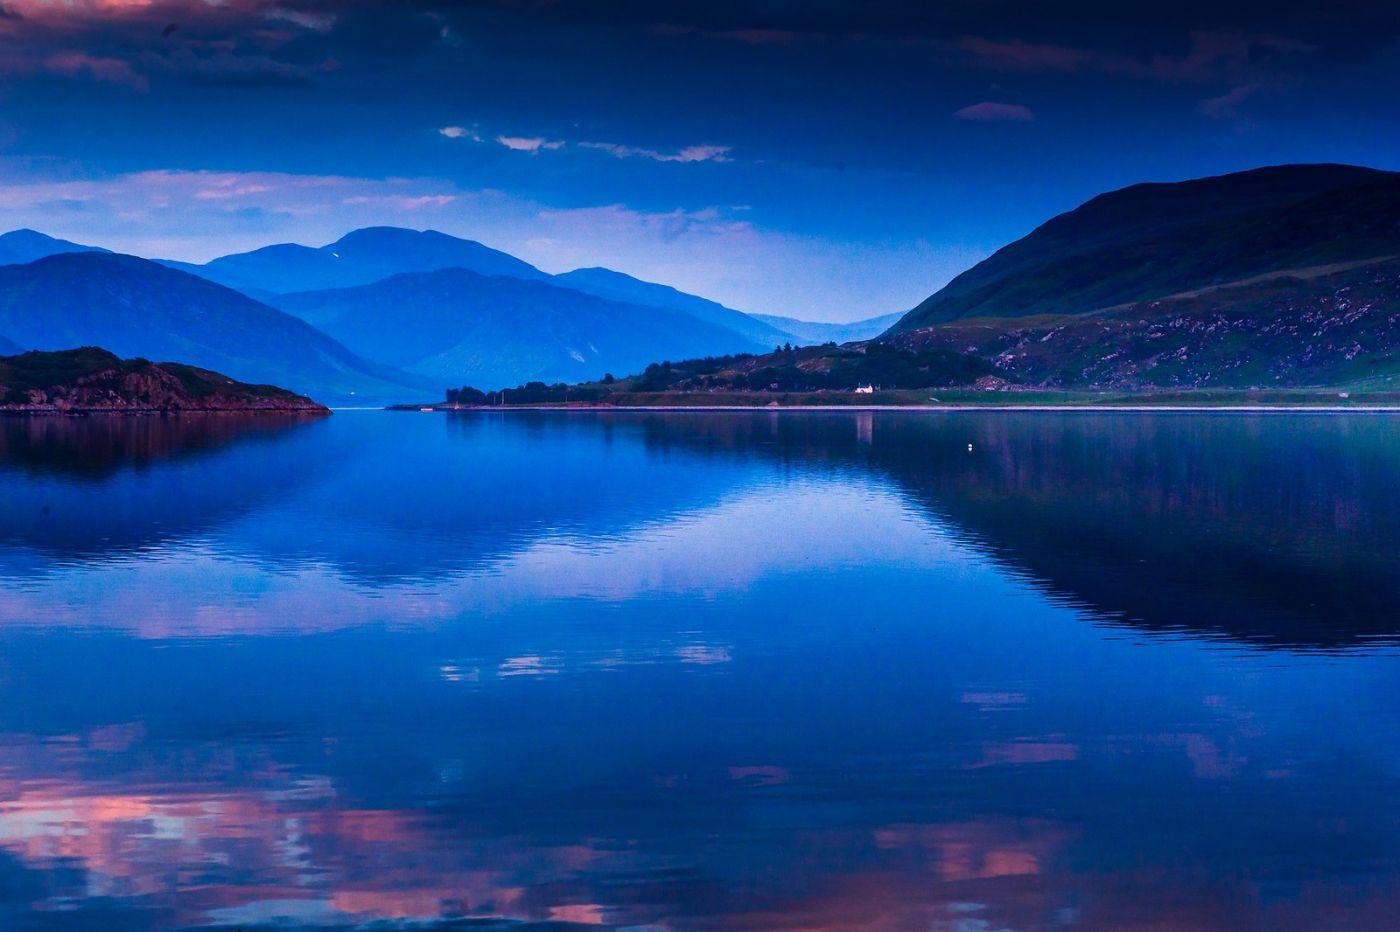 苏格兰阿勒浦(Ullapool),如镜的湖面_图1-19